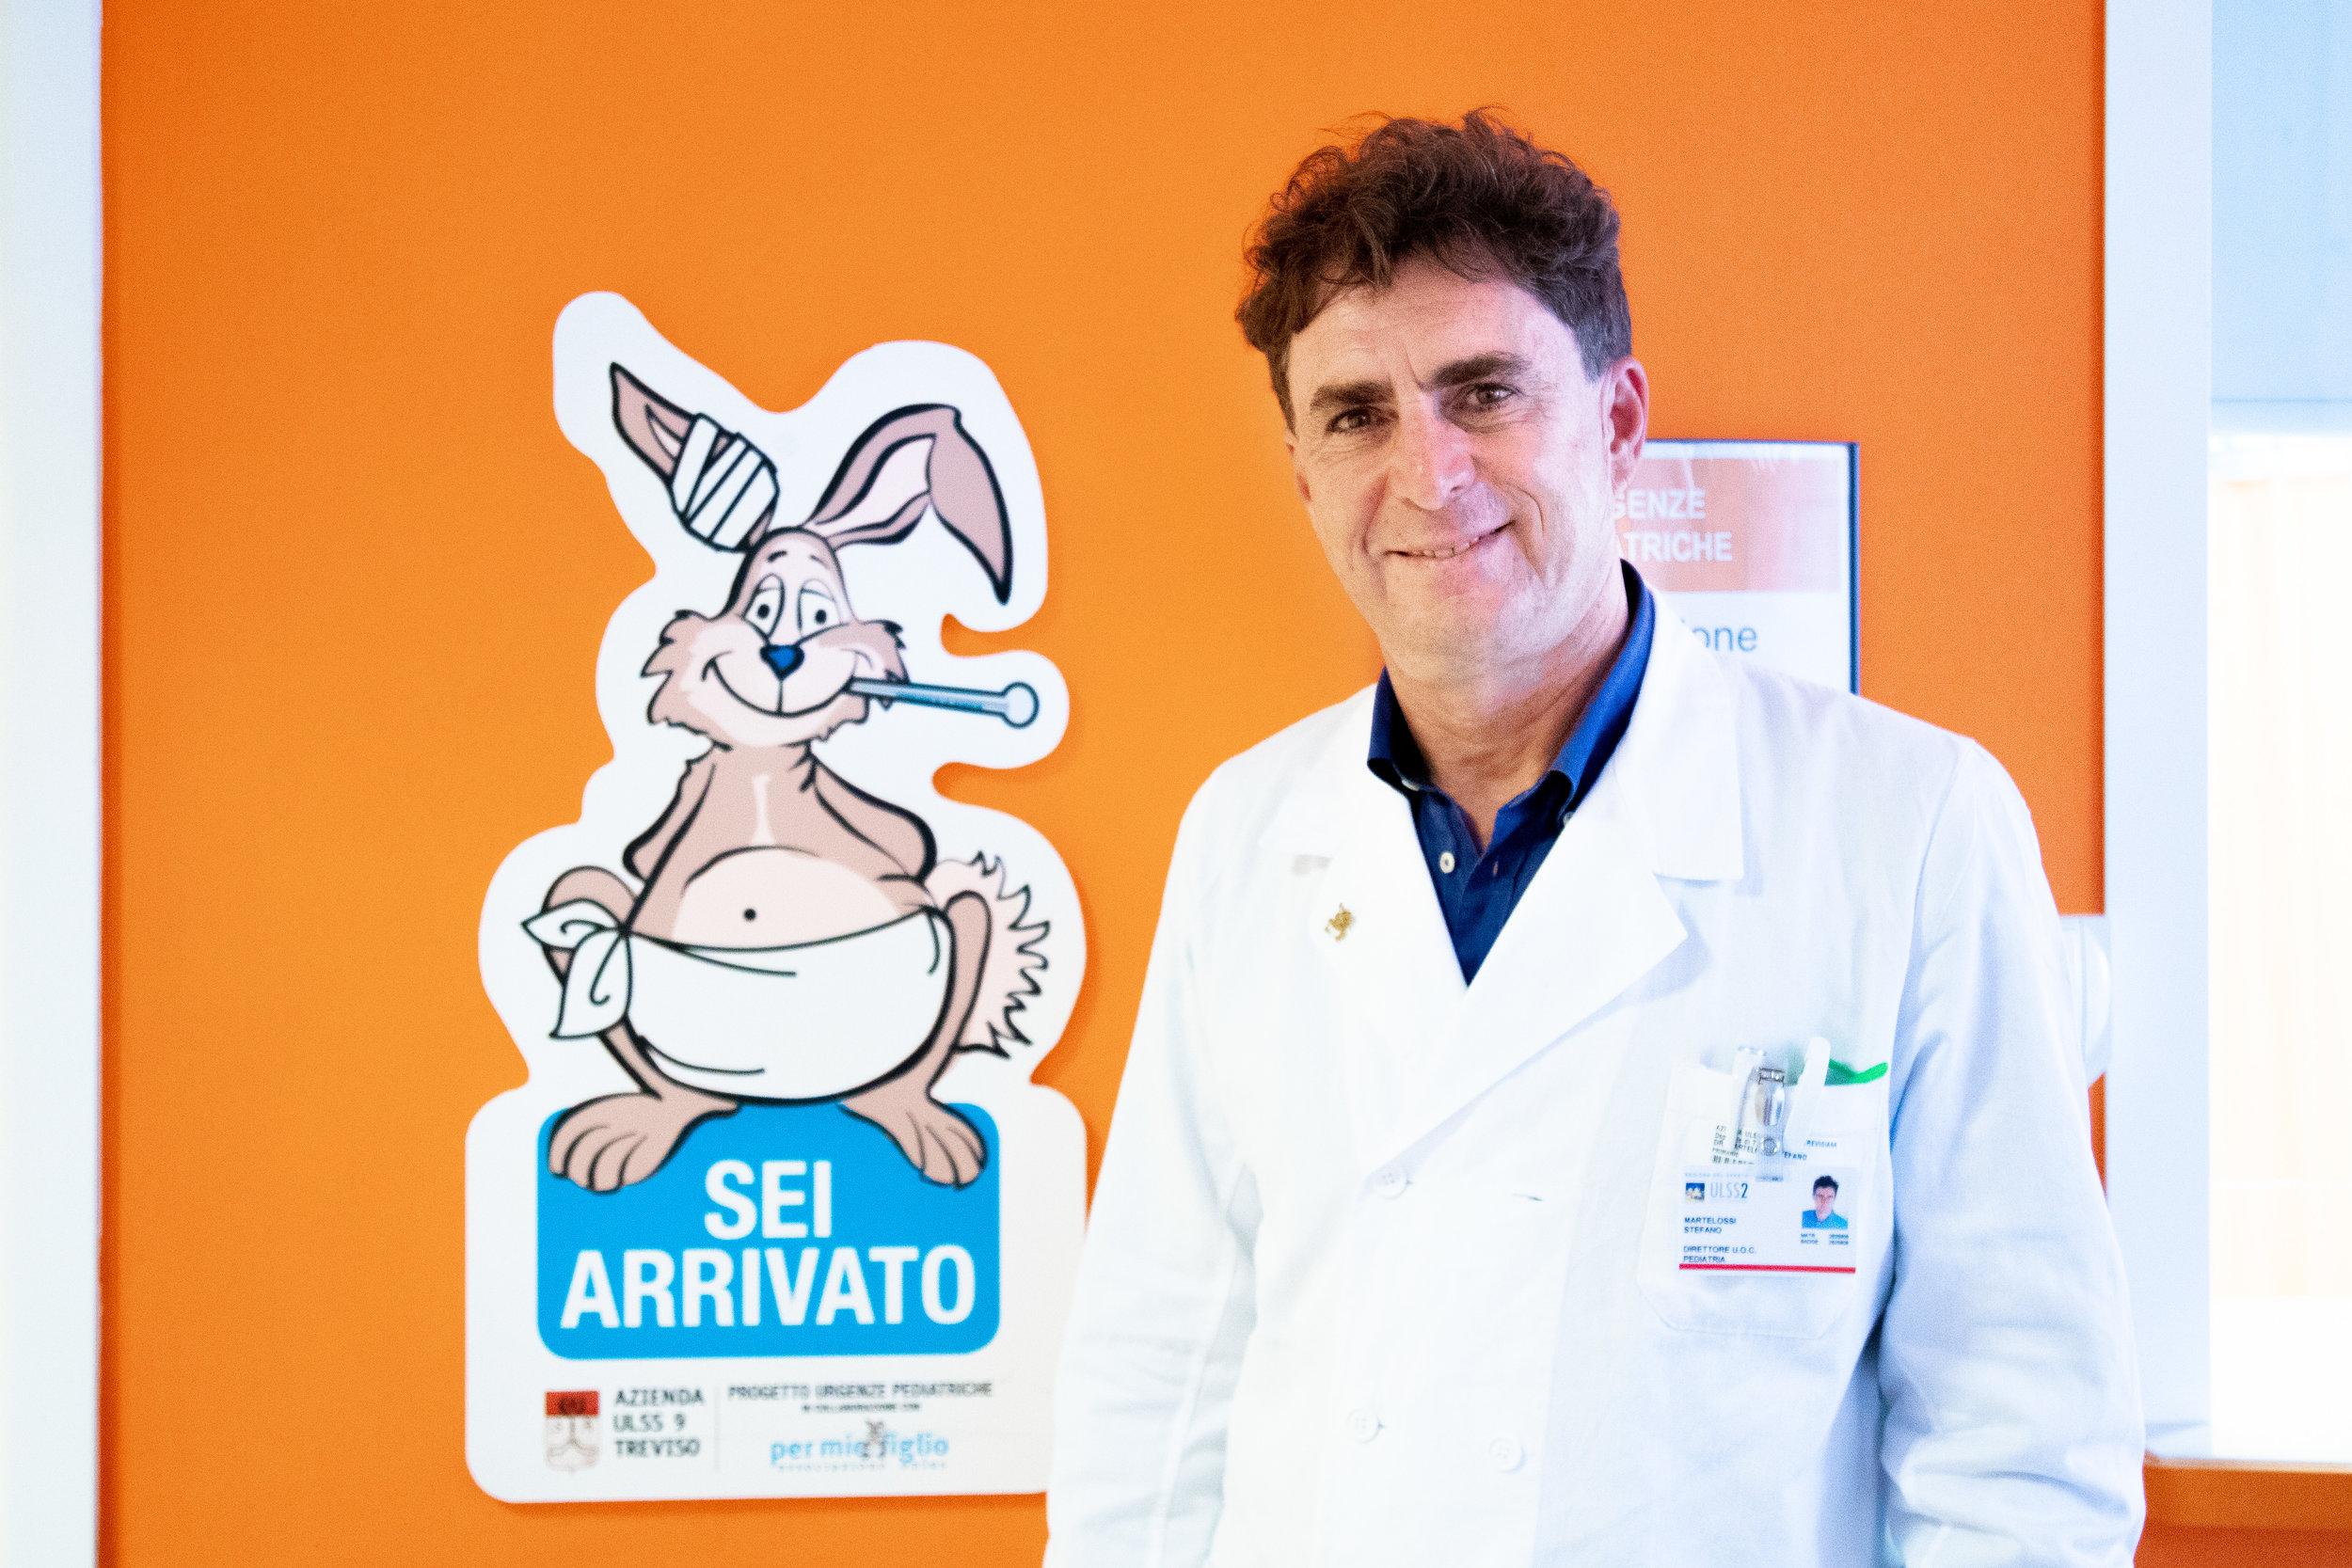 Dott. Stefano Martelossi, direttore Pediatria Treviso